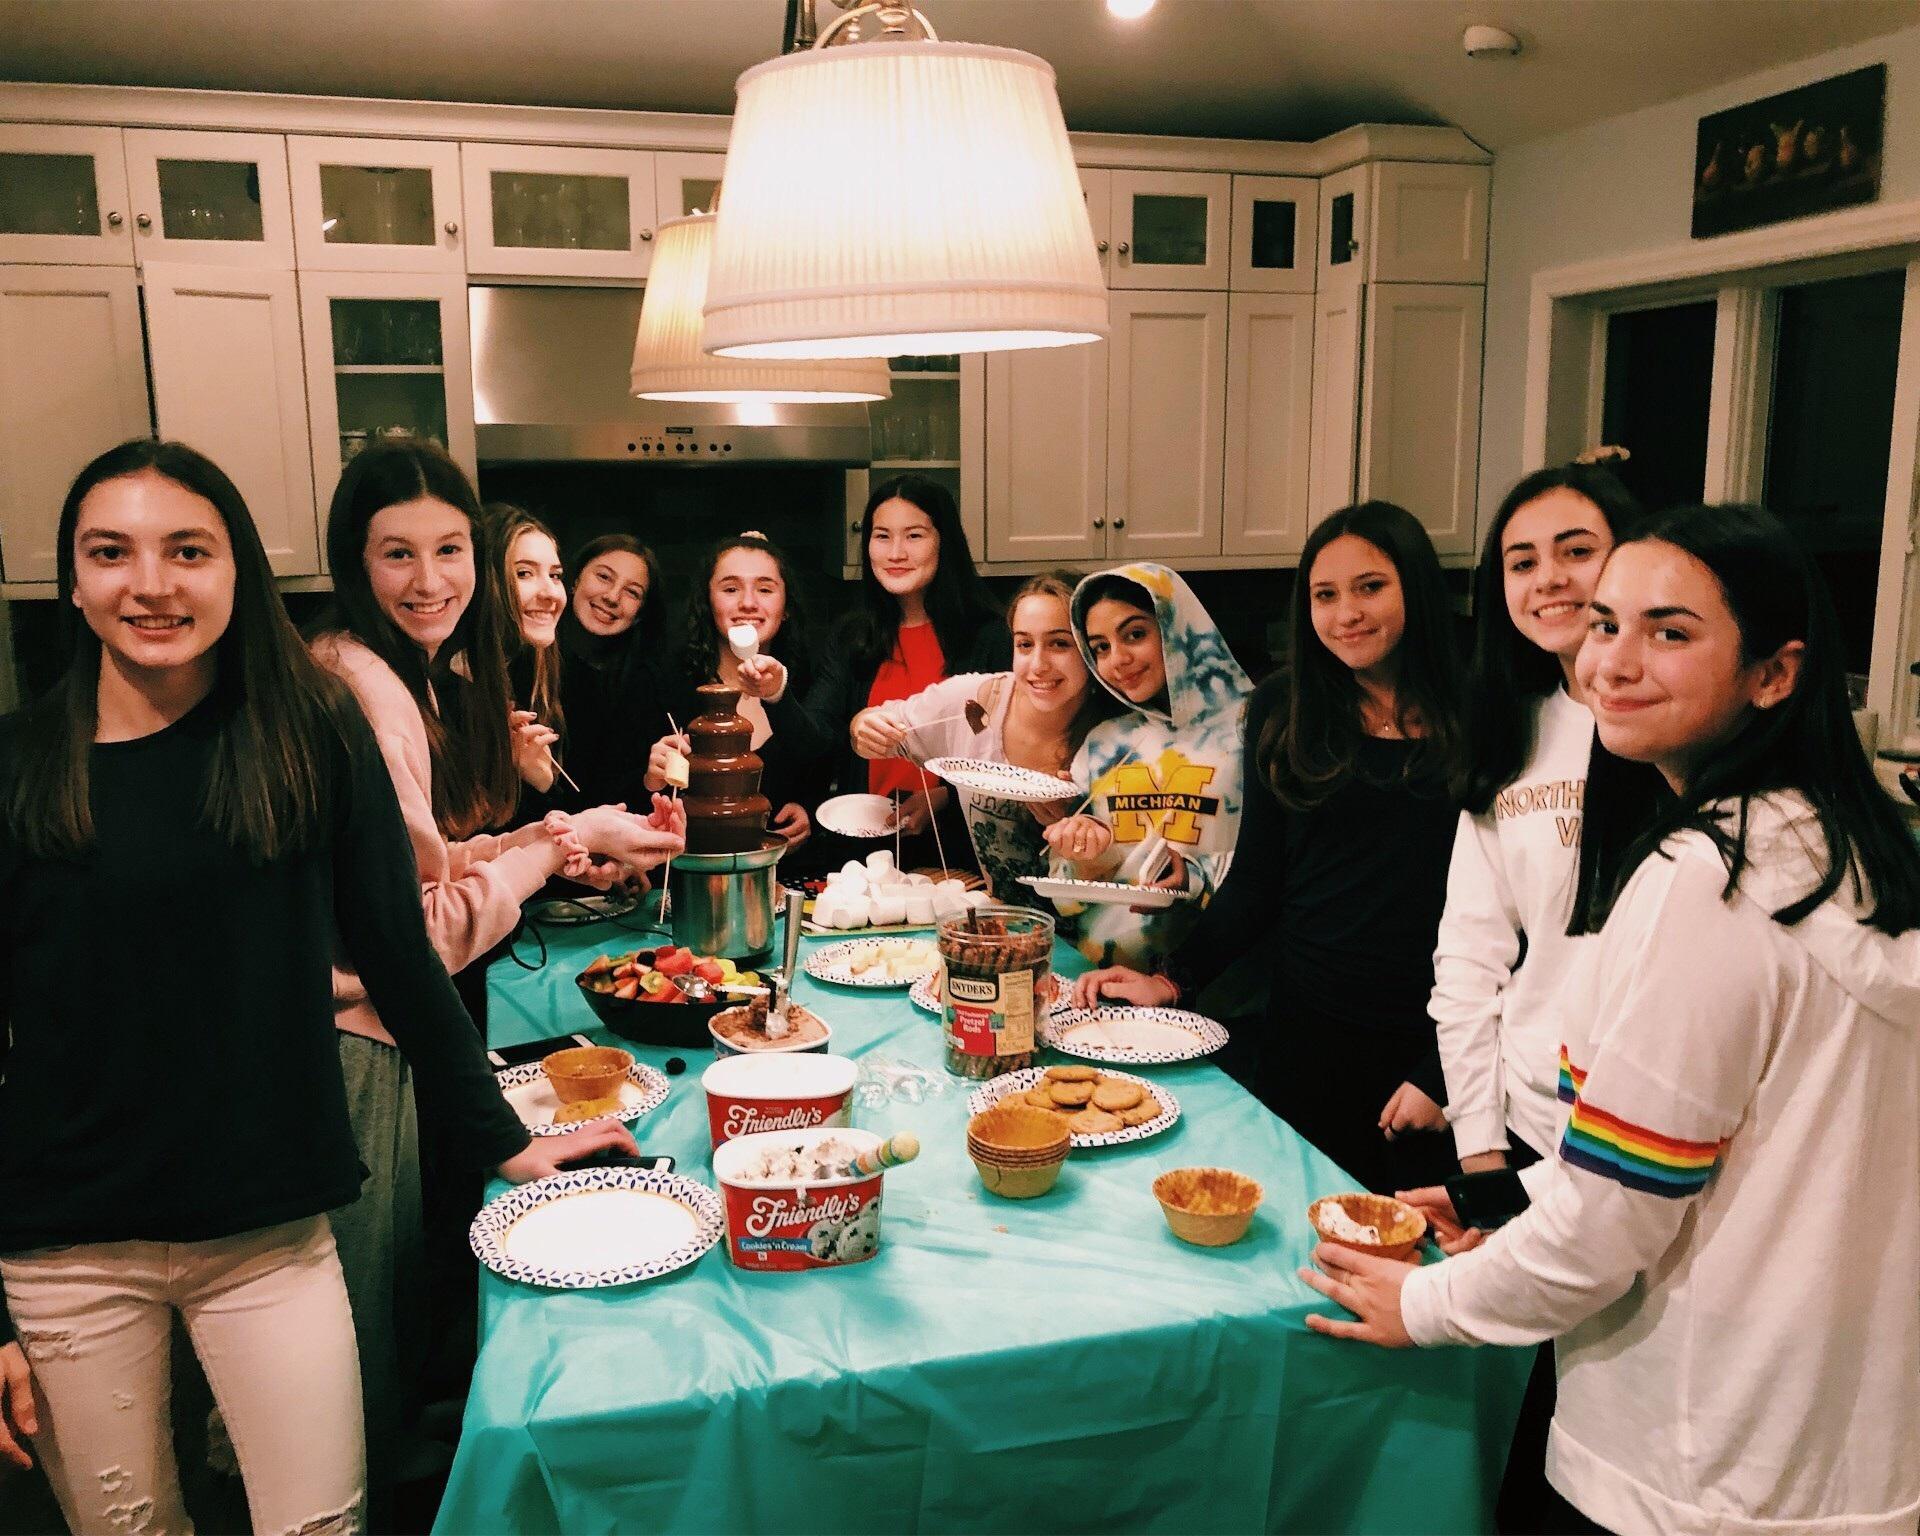 Seniors breakfasting at Allie Putzker's